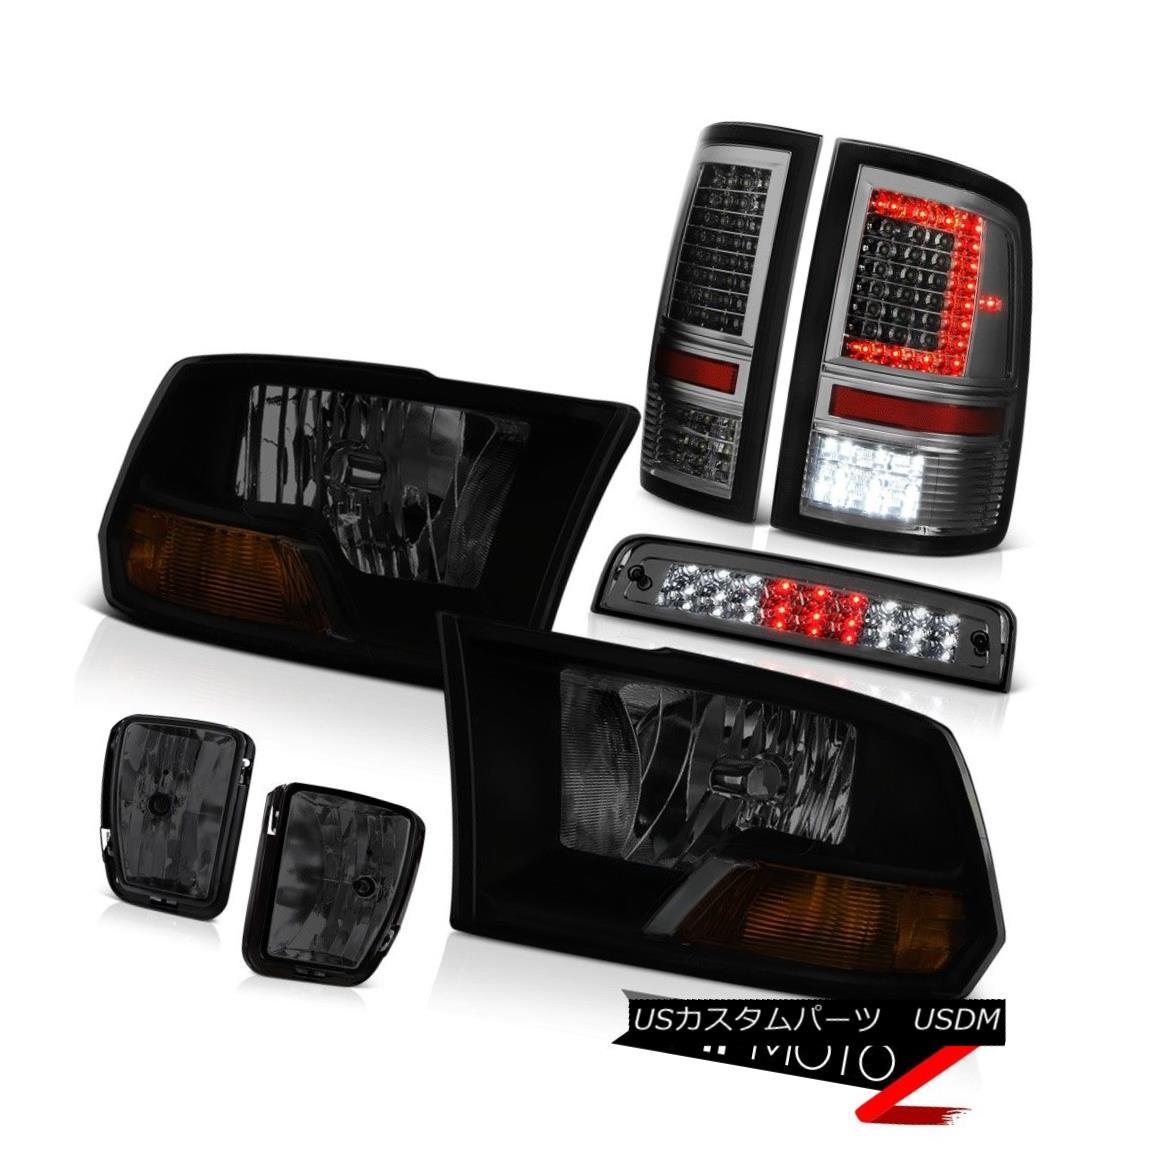 テールライト 13-18 RAM 1500 Tail Lights Driving Light Brake Factory Style Head Lamp SET PAIR 13-18 RAM 1500テールライト駆動ライトブレーキ工場スタイルヘッドランプSET PAIR